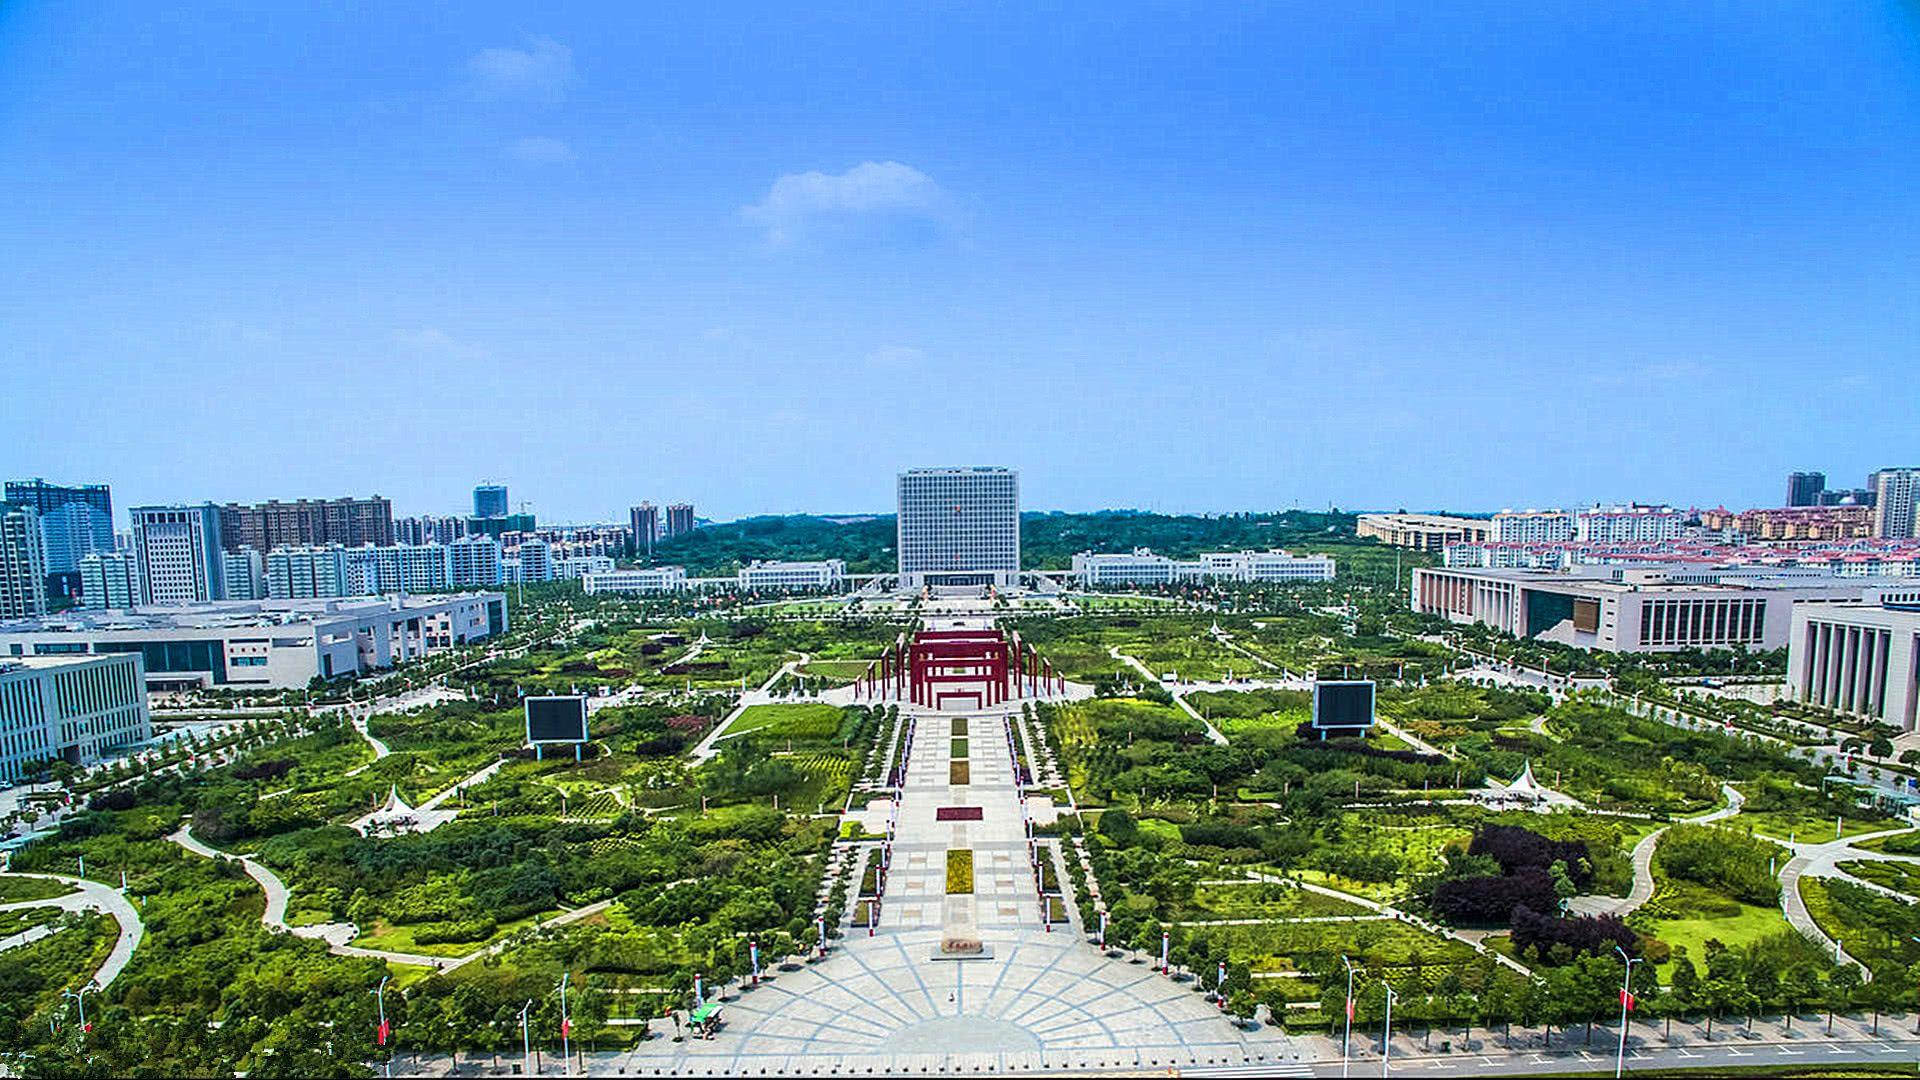 河南最强的4个三线城市,洛阳第1,信阳第3,没有许昌 新乡